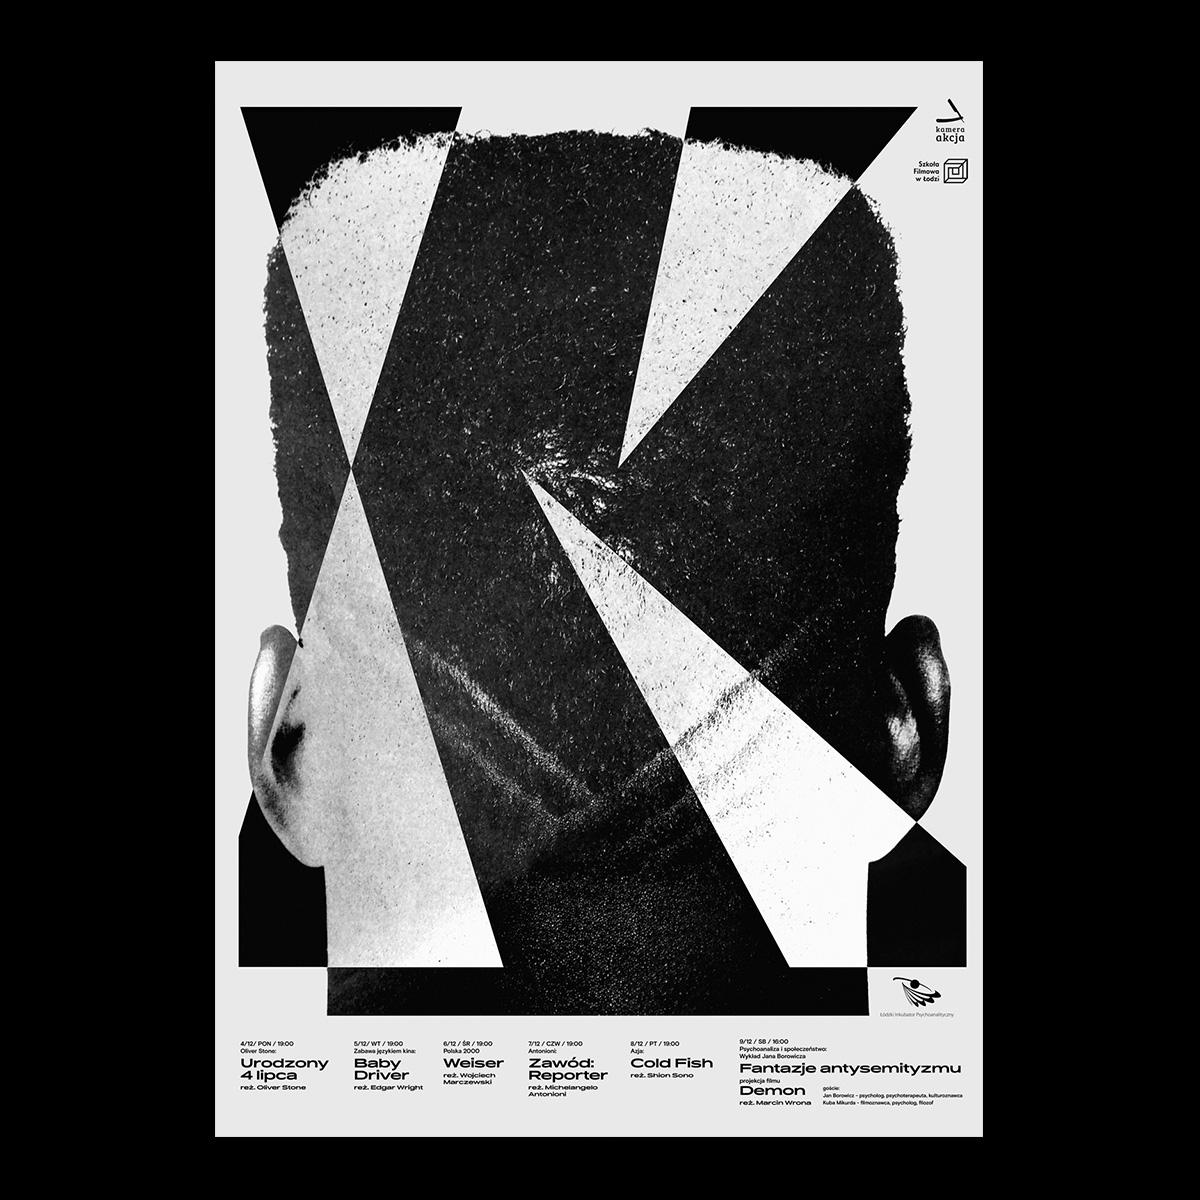 Kamera Akcja Festival Posters Fonts In Use